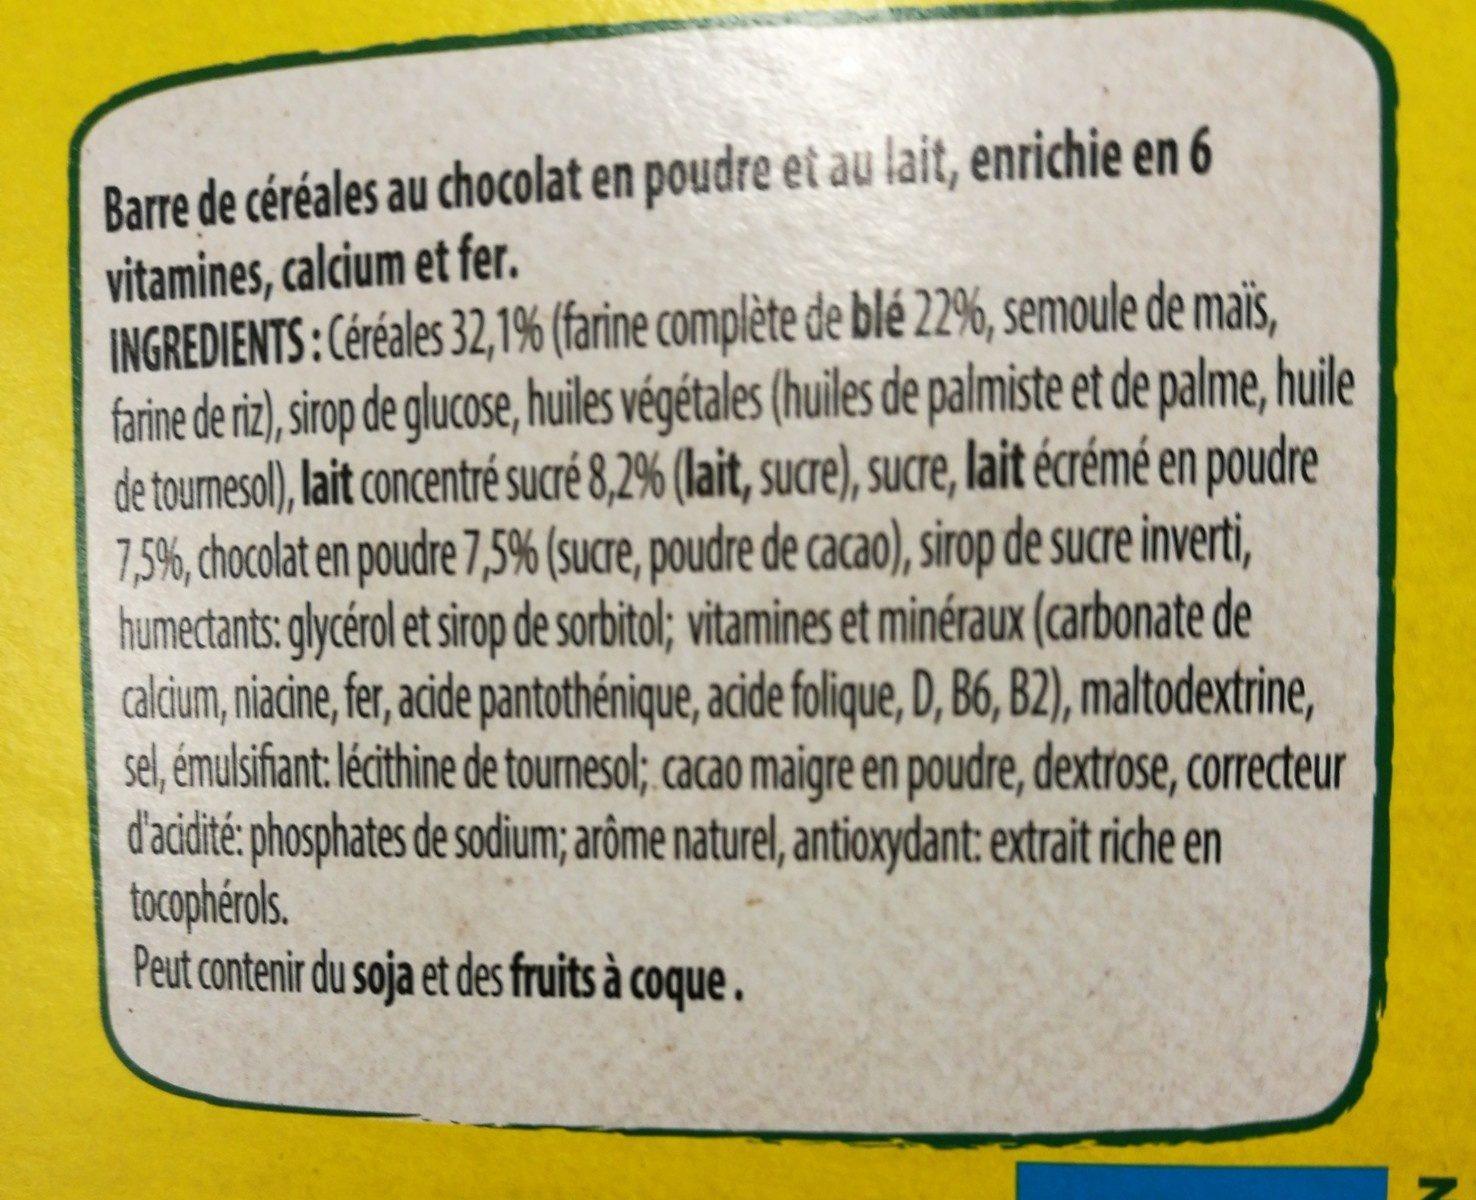 Barres chocolatées céréales chocolat et lait - Ingrediënten